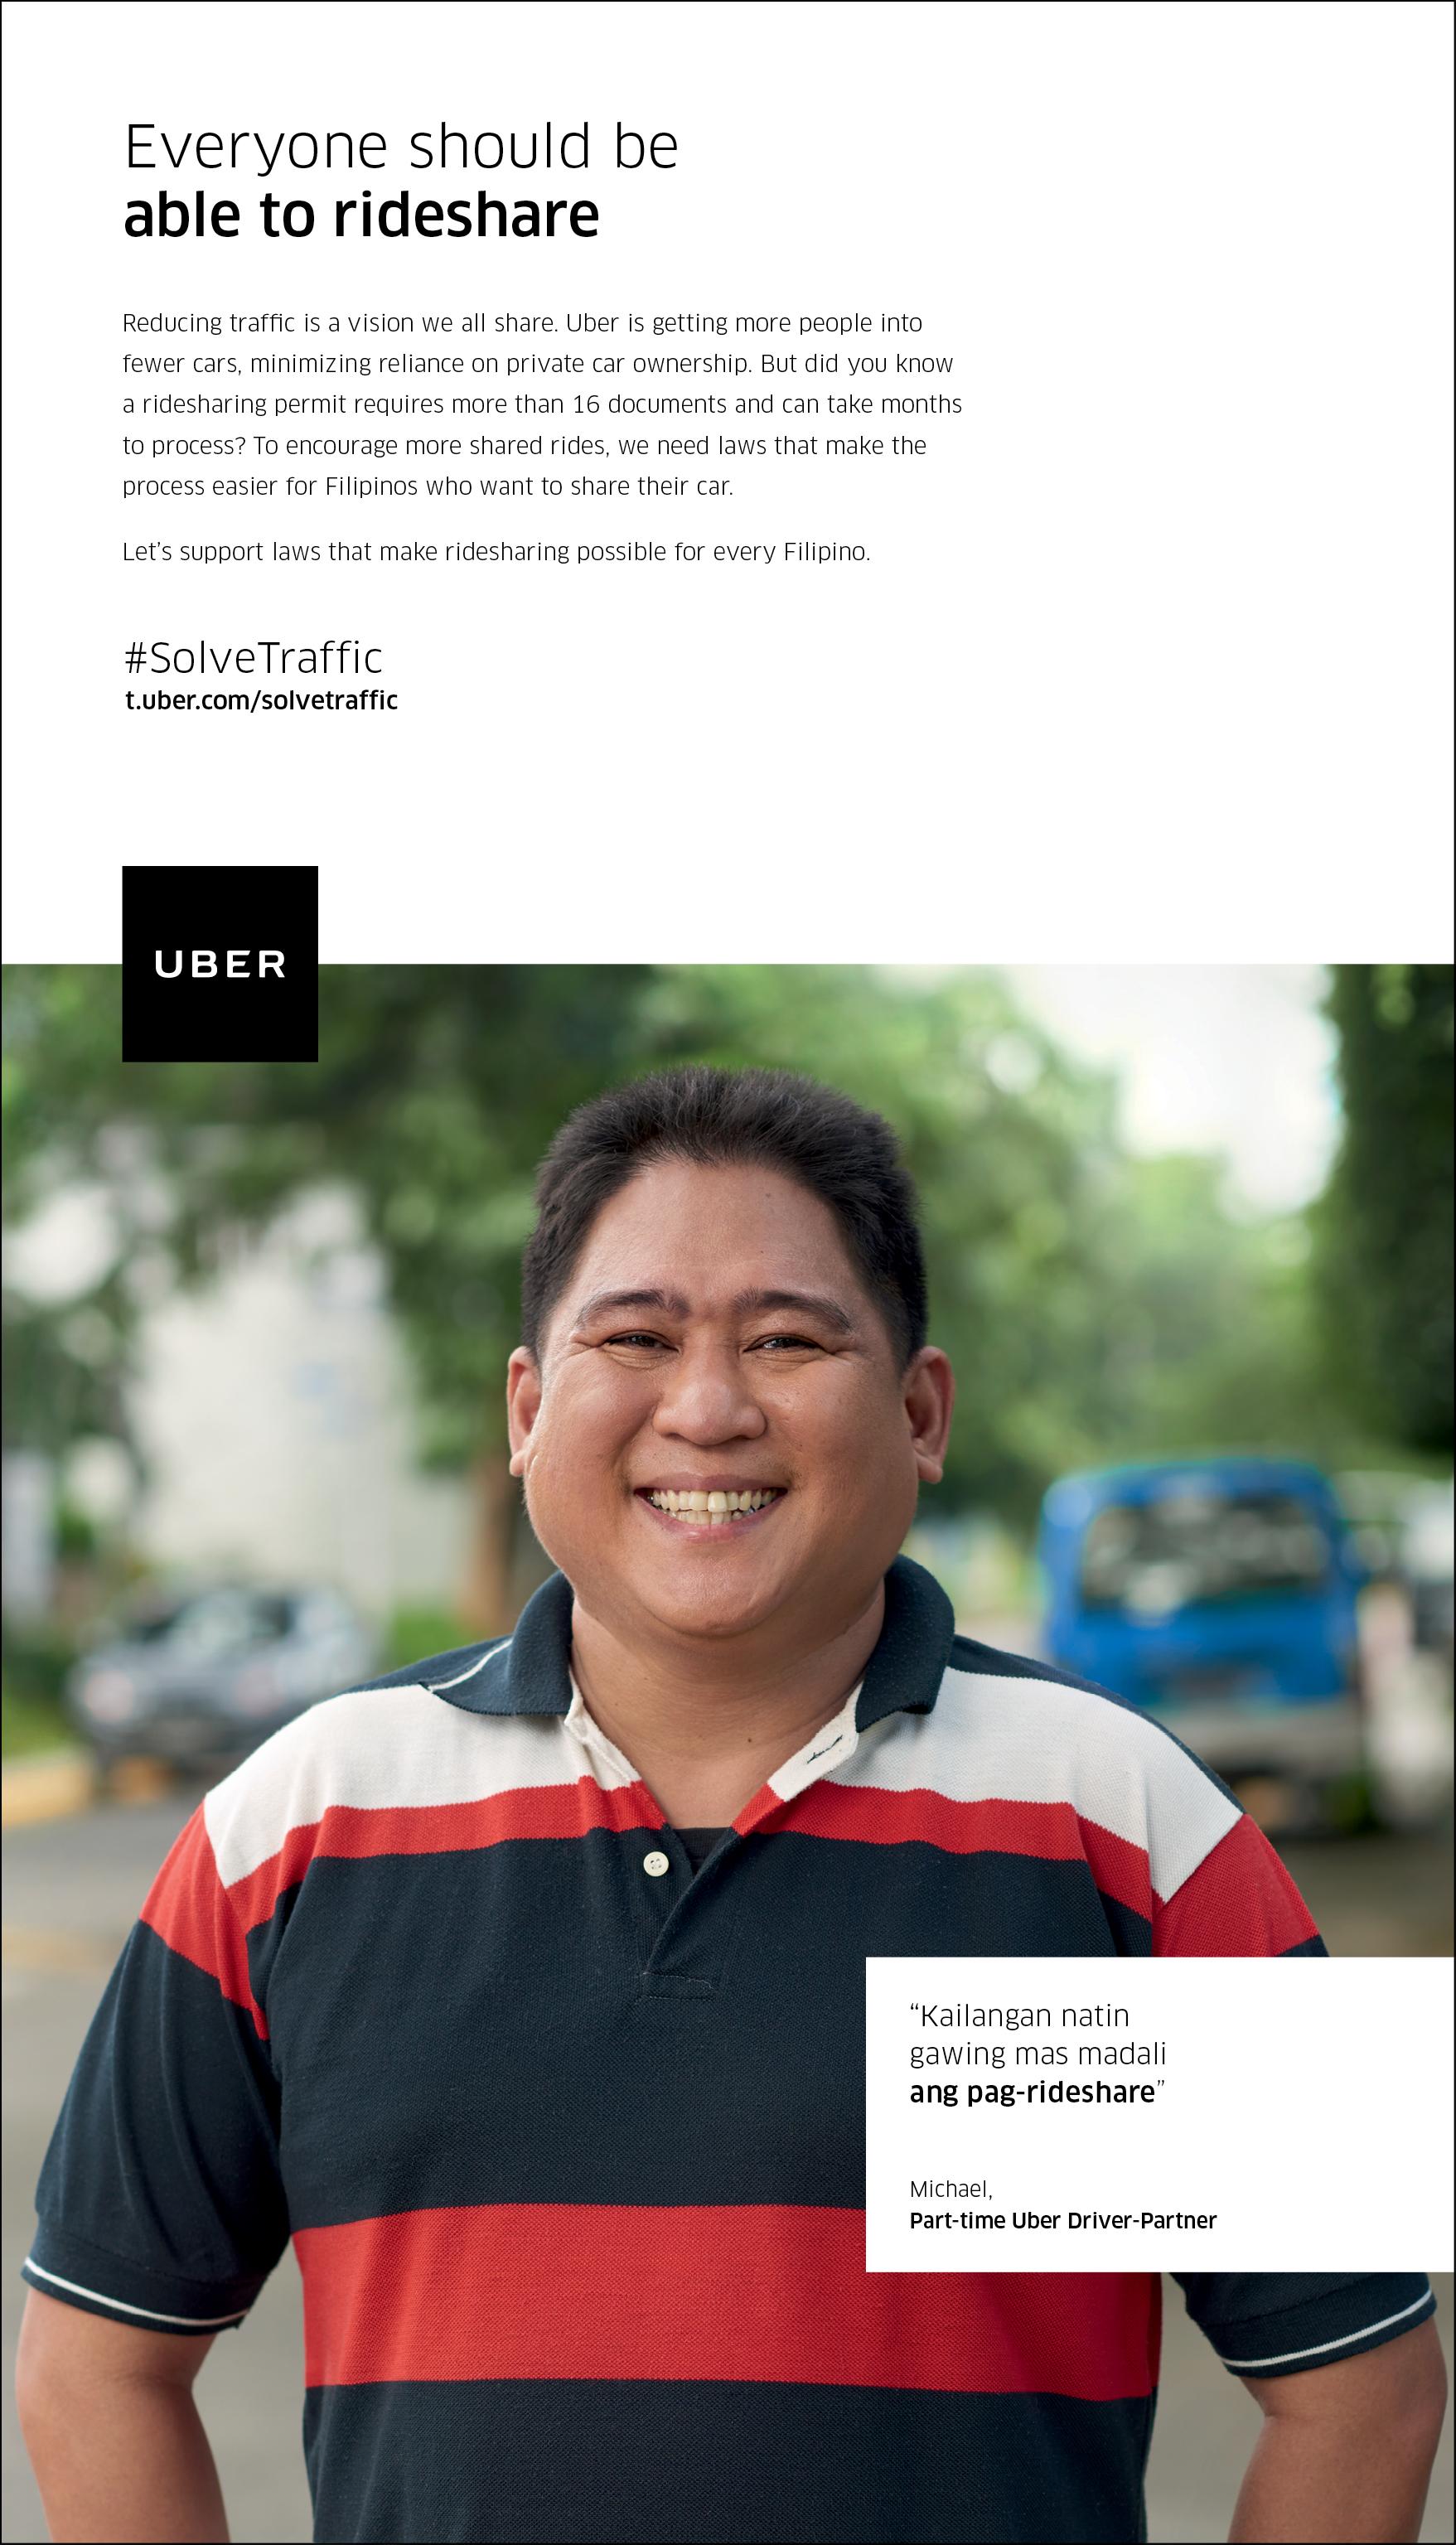 01_PrintAd_PhilippineStar_29.75cm x 52cm2_Michael.jpg